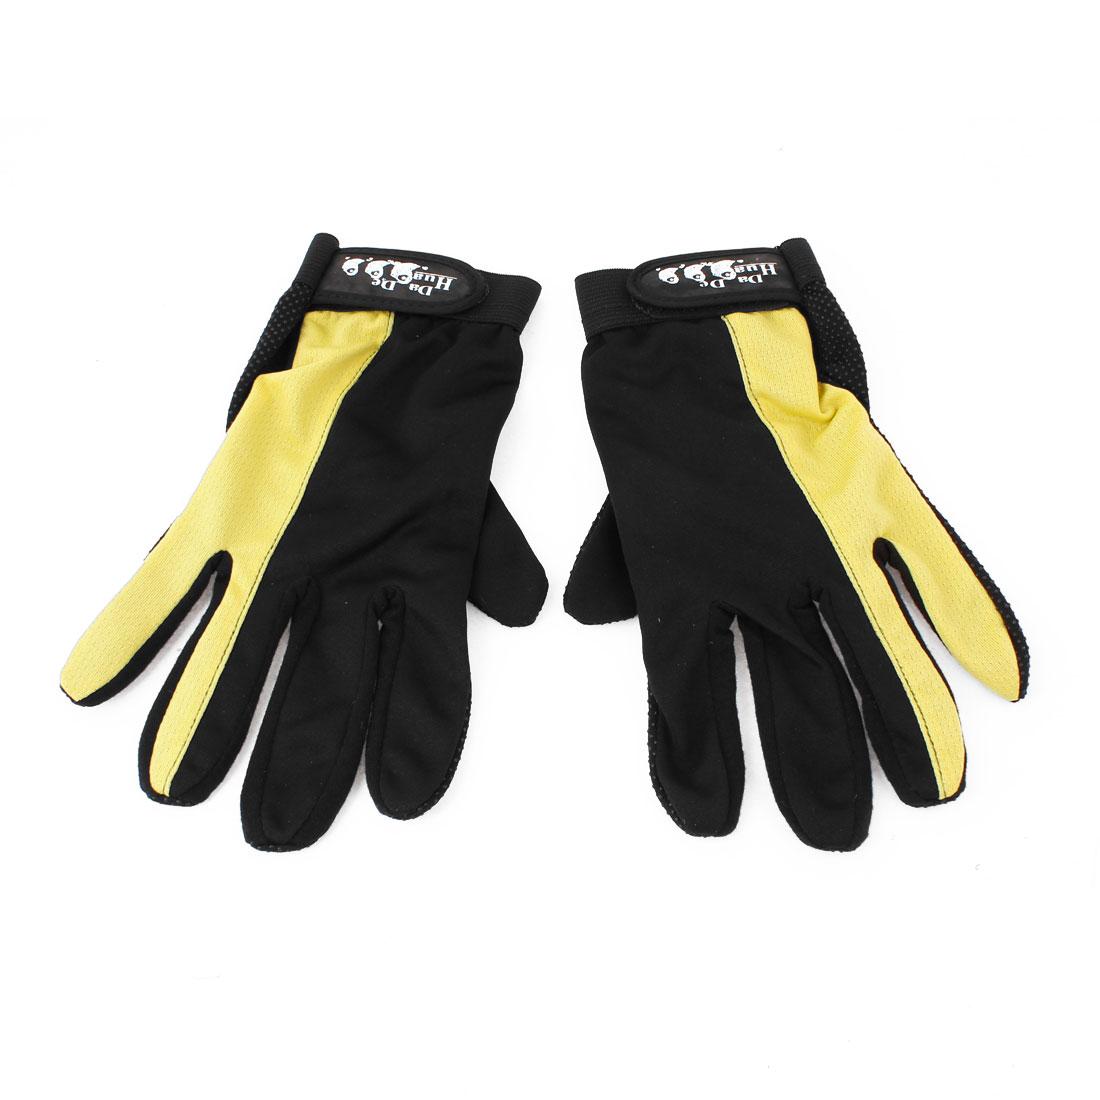 2 x Detachable Closure Antislip Driving Sport Full Finger Gloves Black Yellow